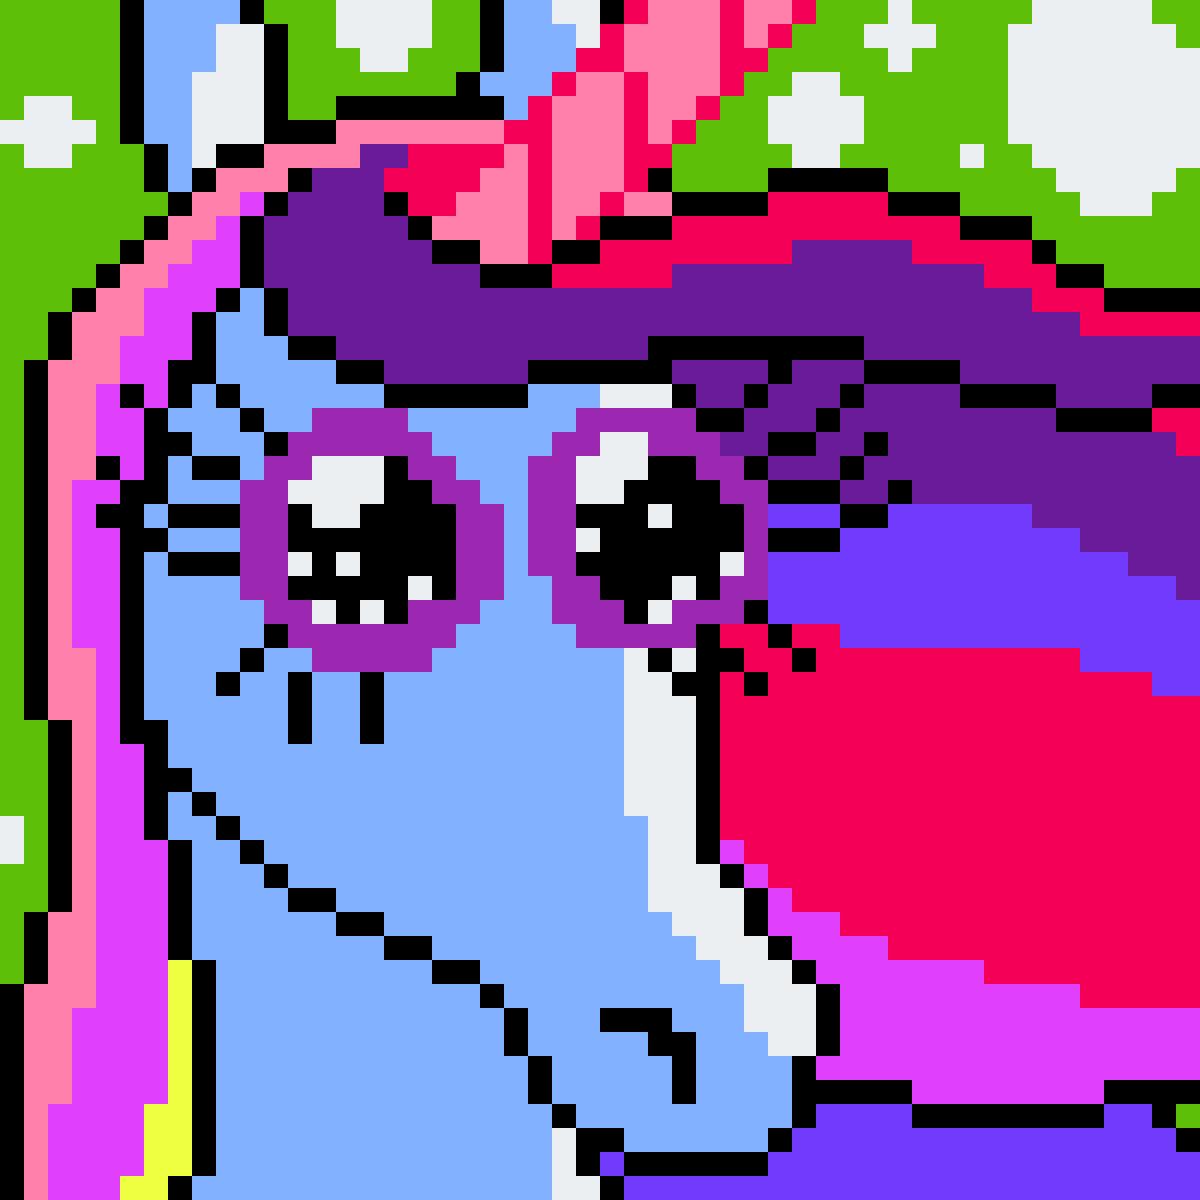 unicorn by ChanKing